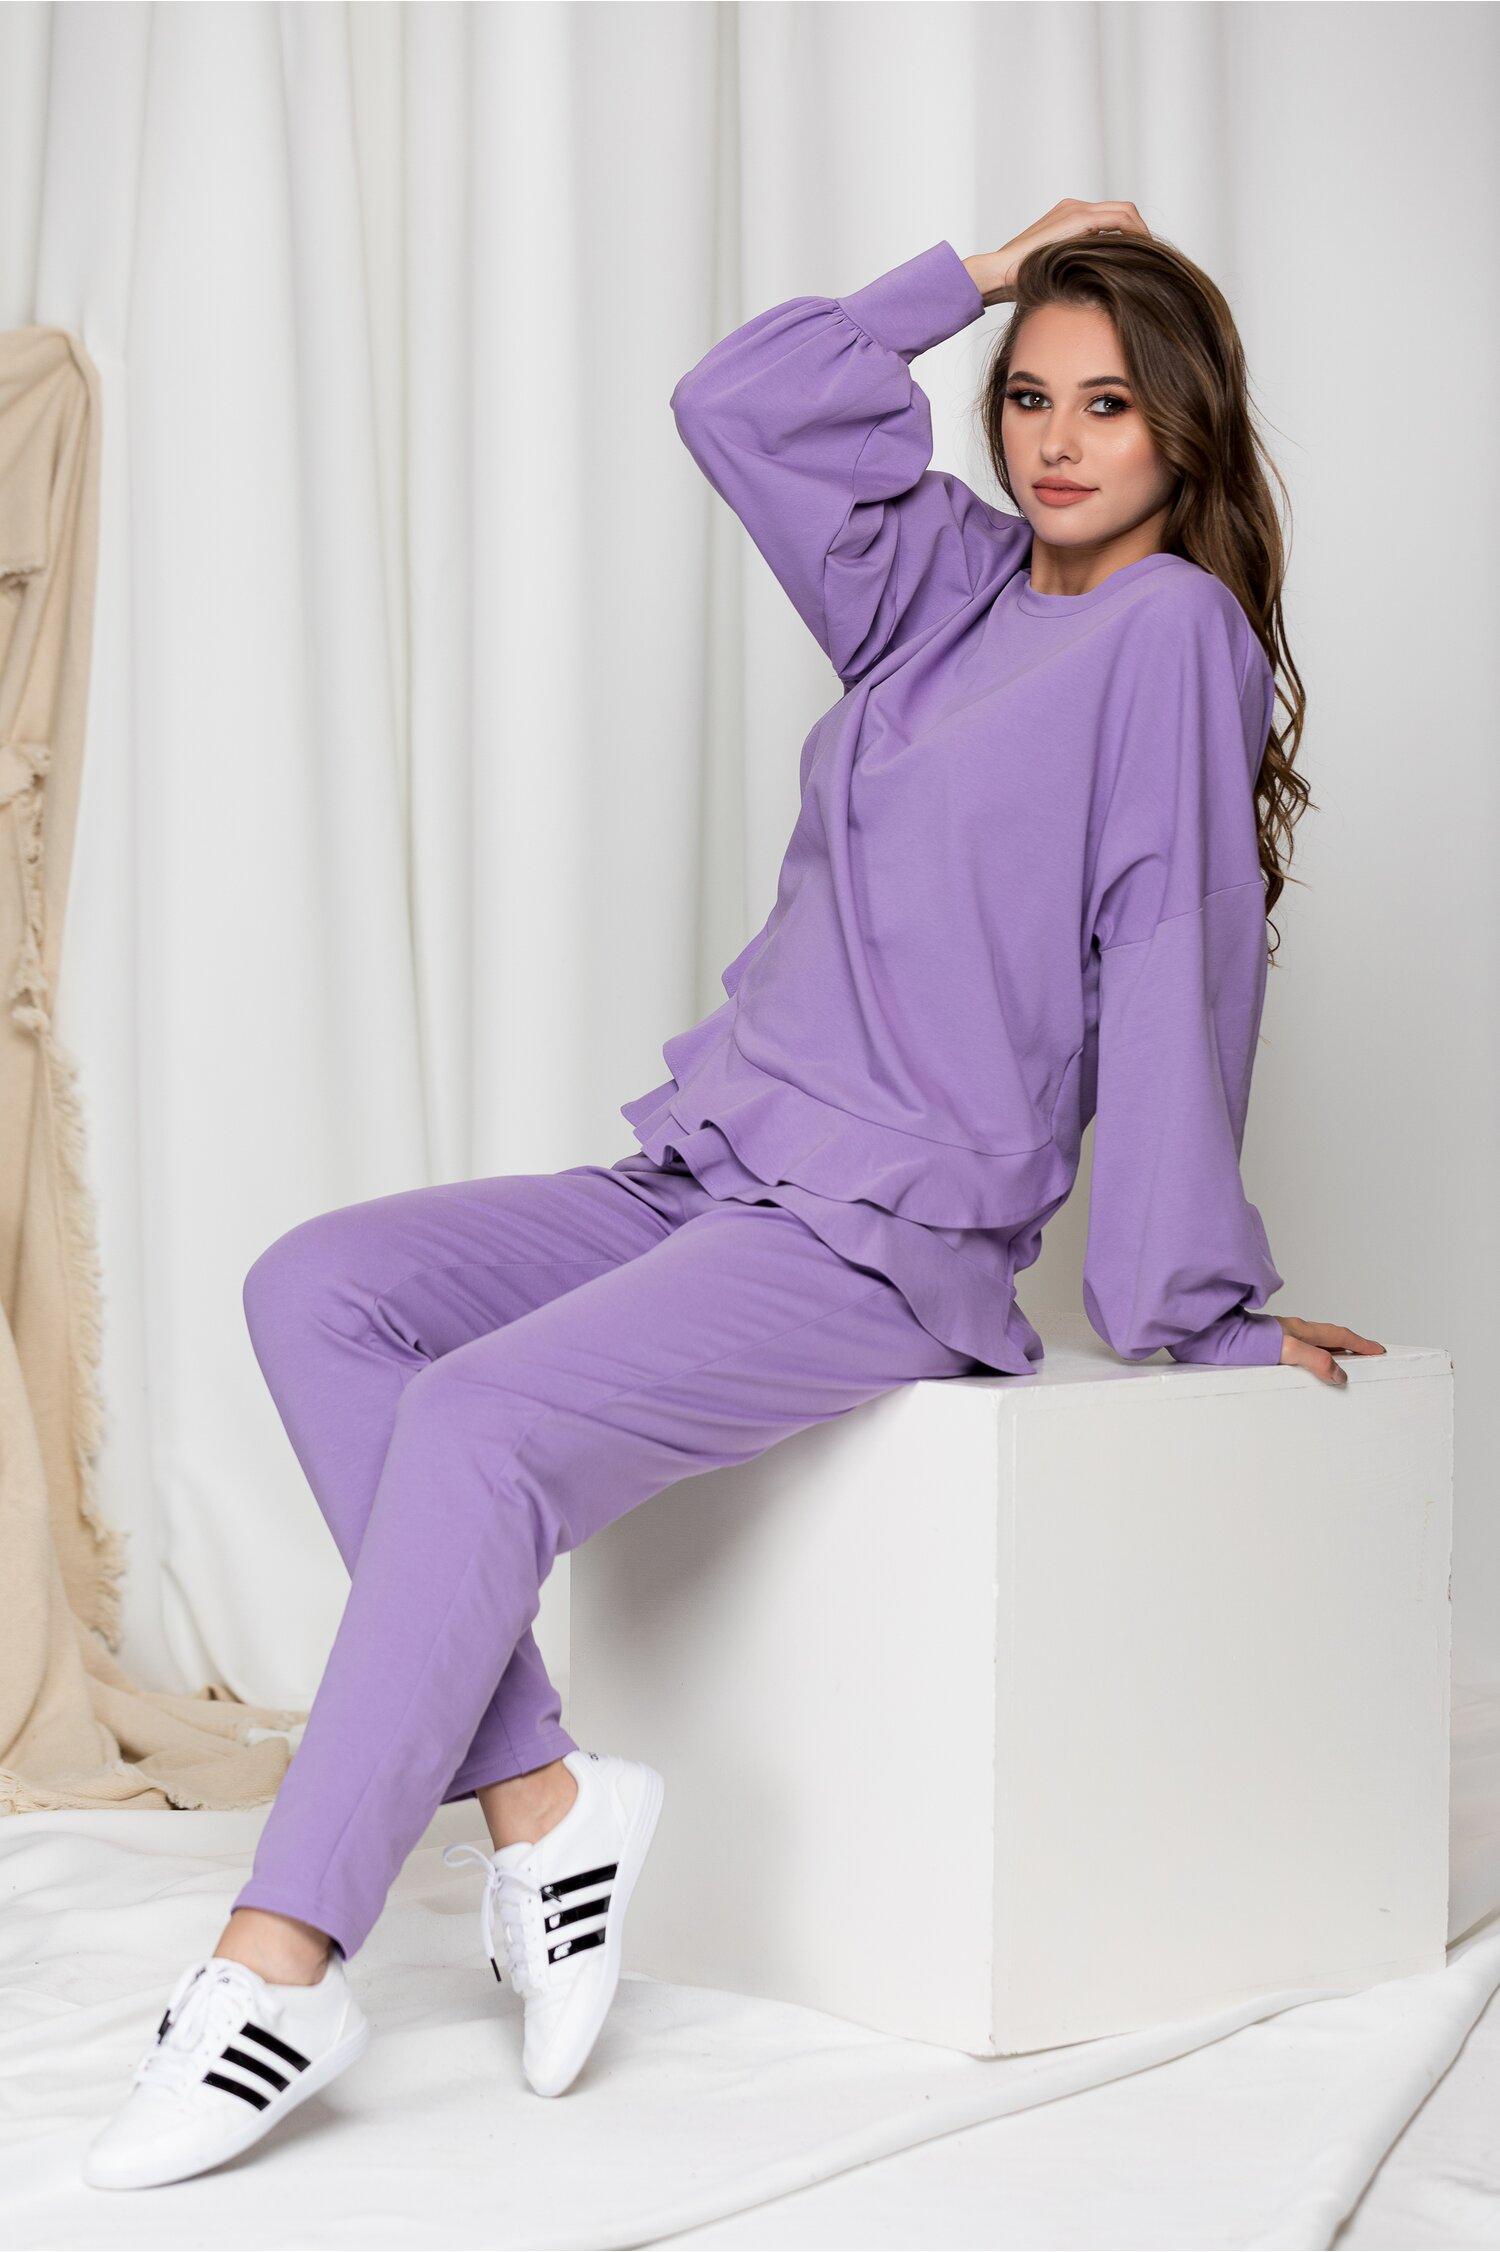 Compleu sport LaDonna lila cu volanase pe bluza